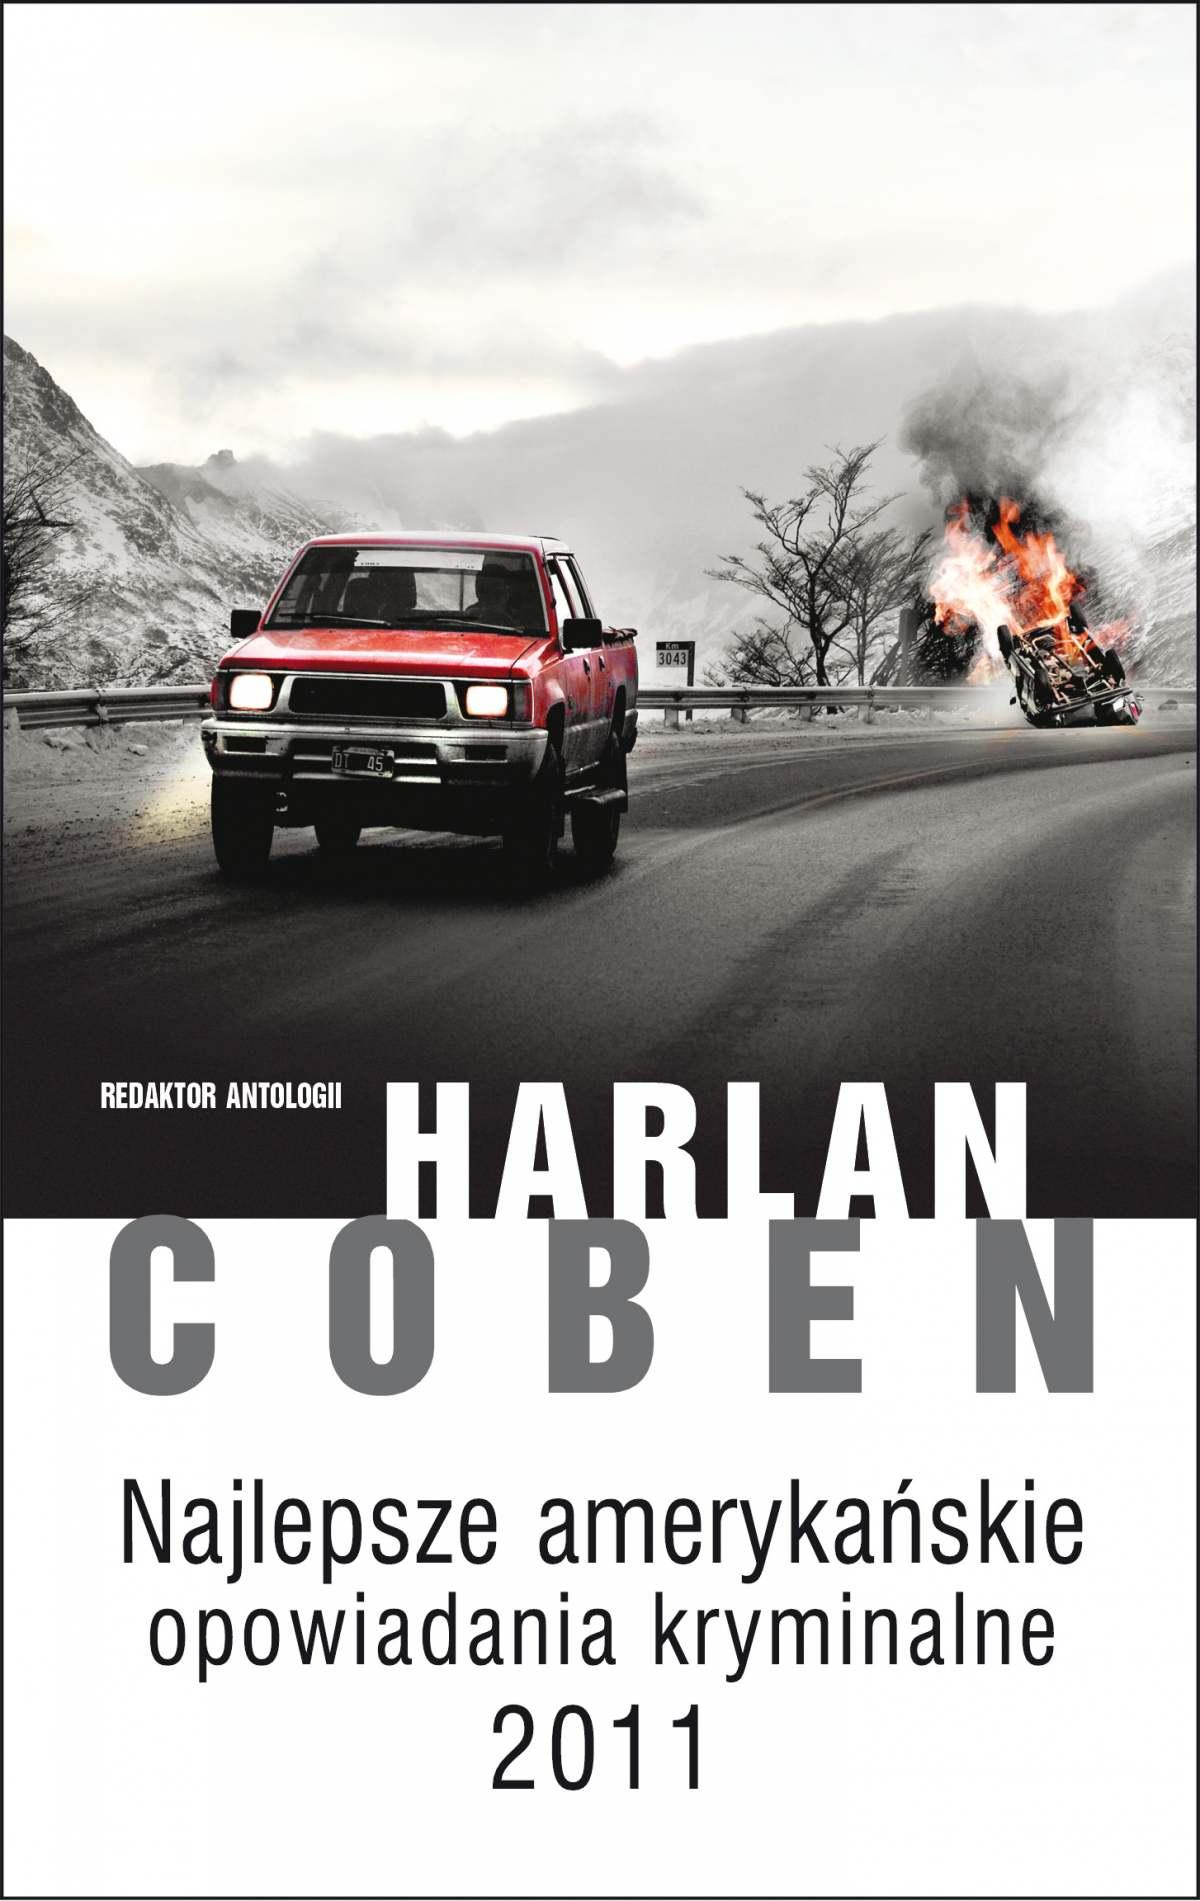 Najlepsze amerykańskie opowiadania kryminalne 2011 - Ebook (Książka EPUB) do pobrania w formacie EPUB